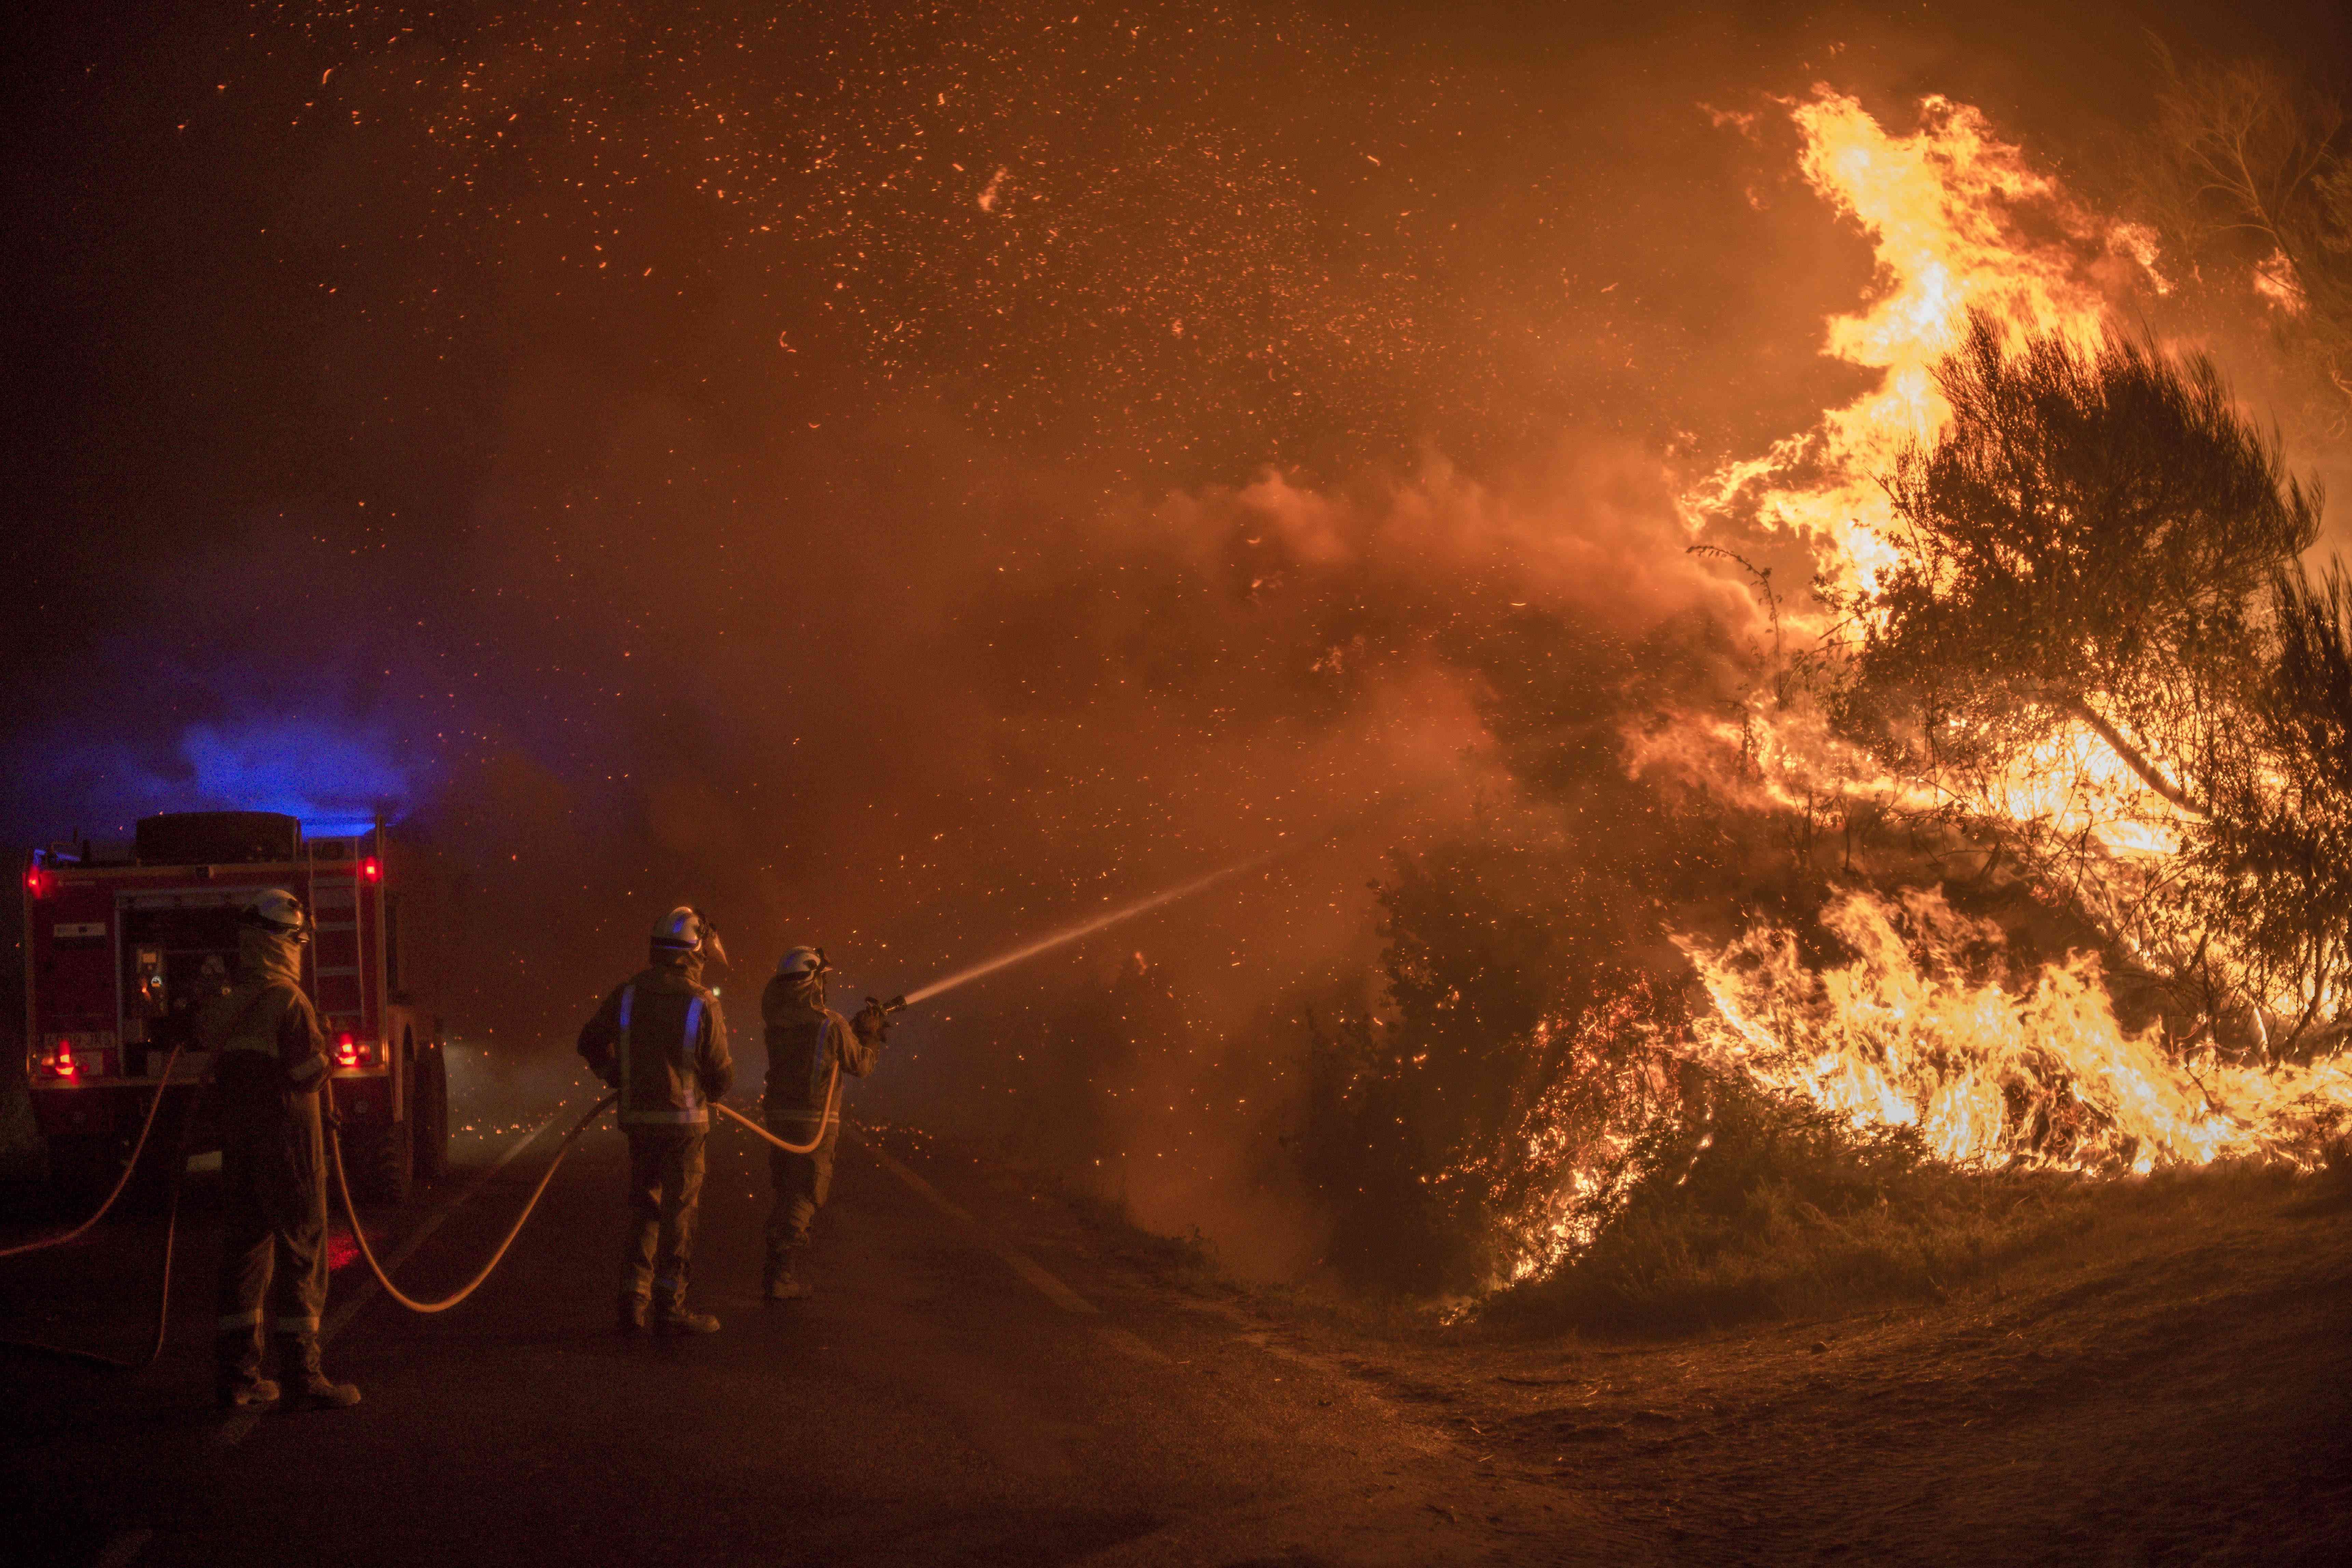 firefighters battling blaze